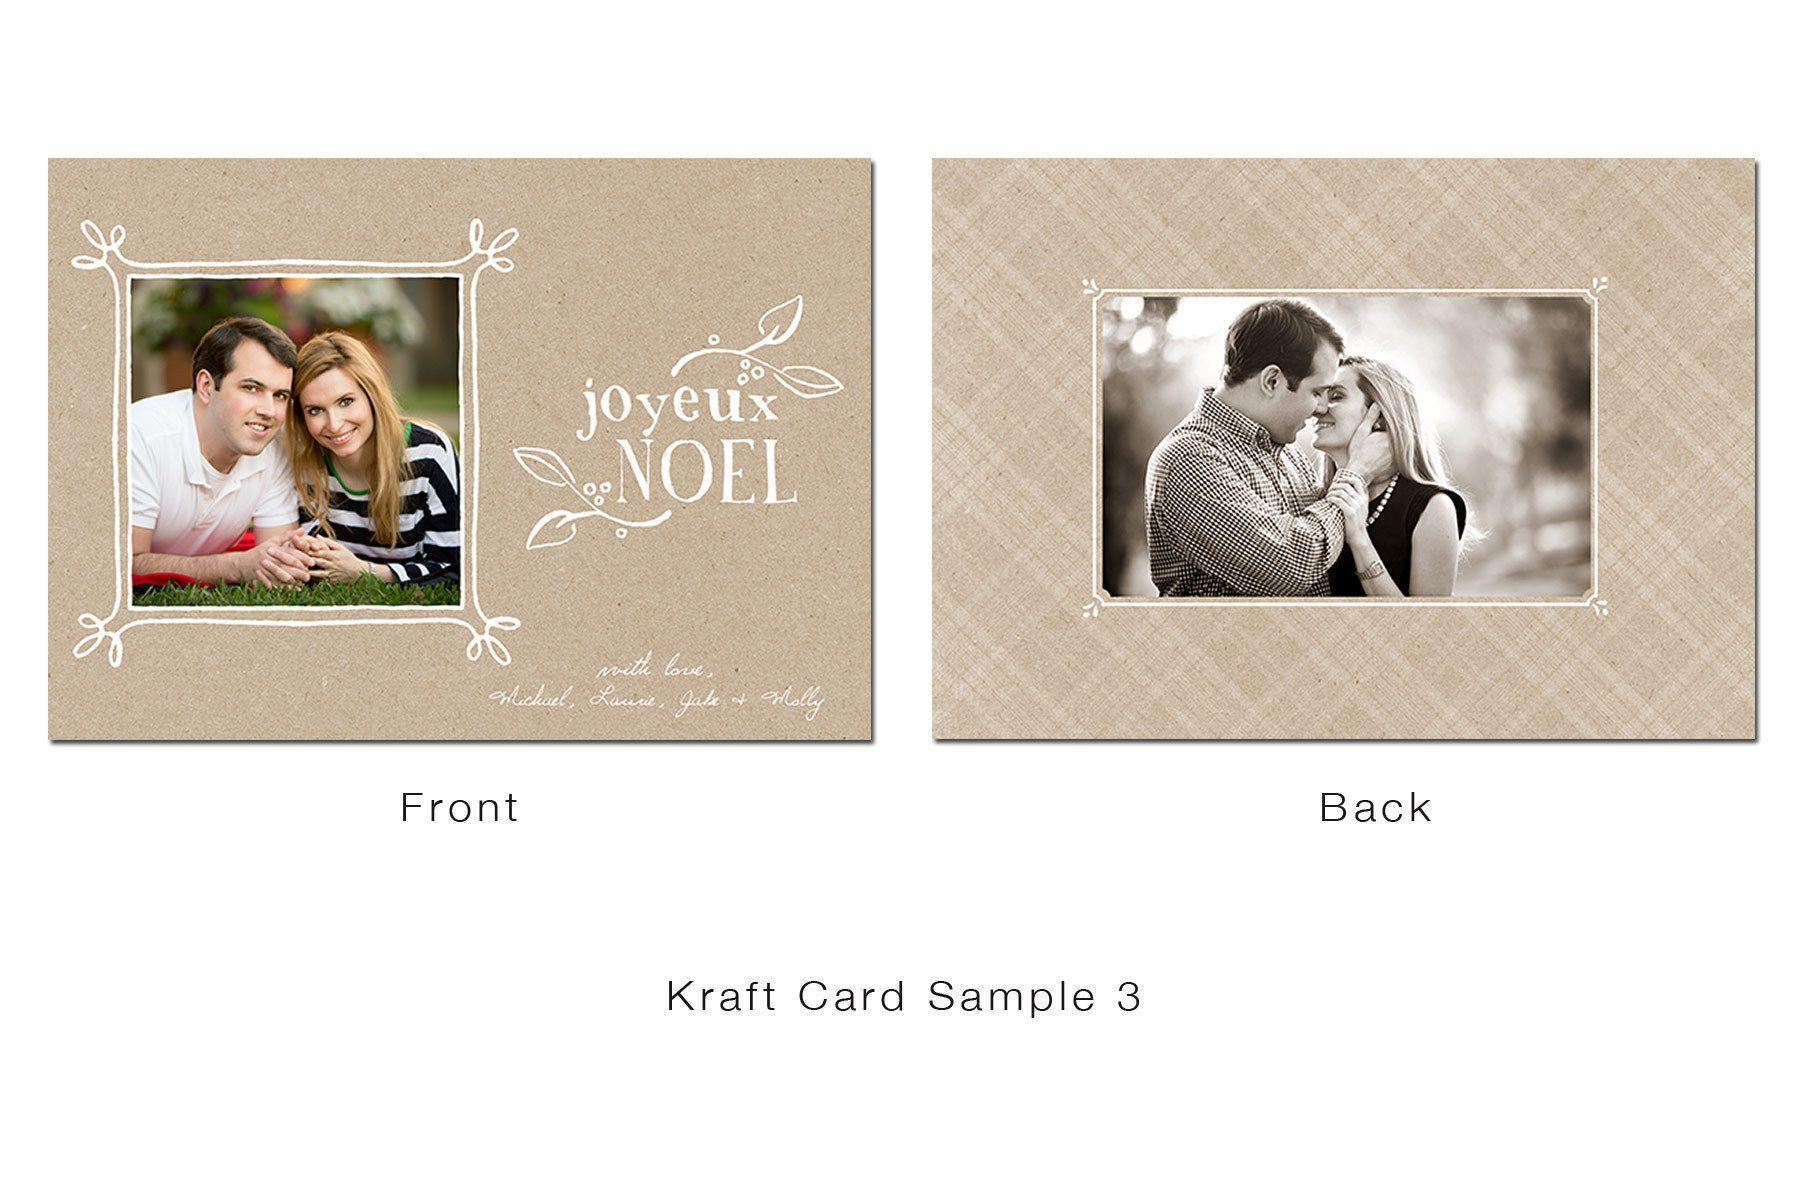 1kraft_card_sample_3.jpg